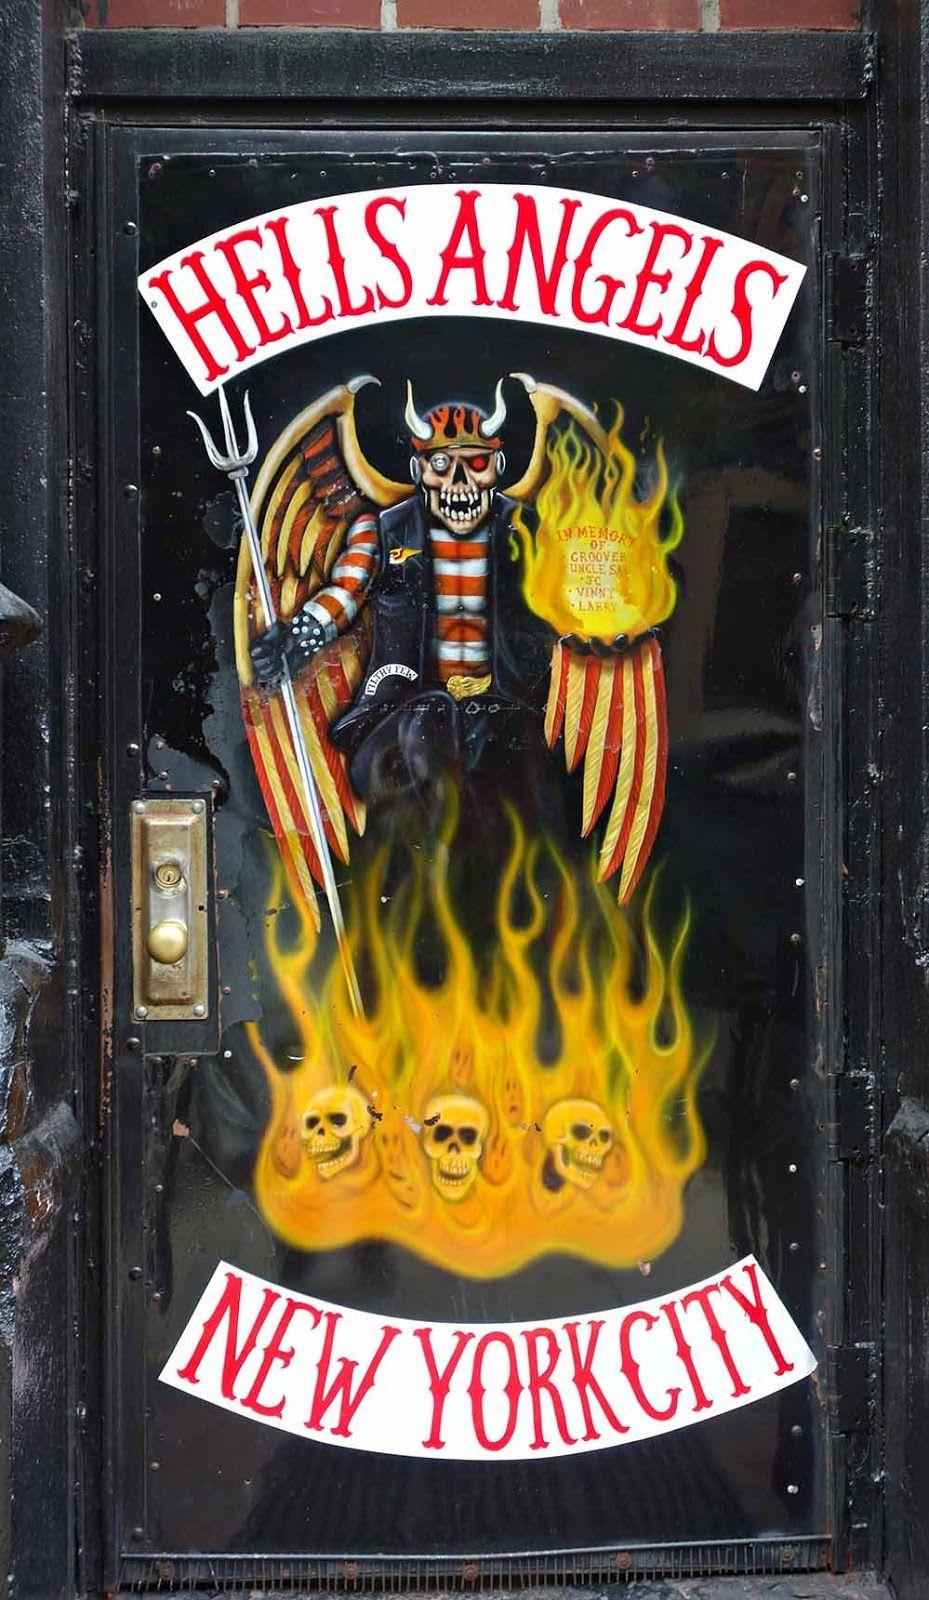 Hells Angels motorcycle gang door in New York City, New York.